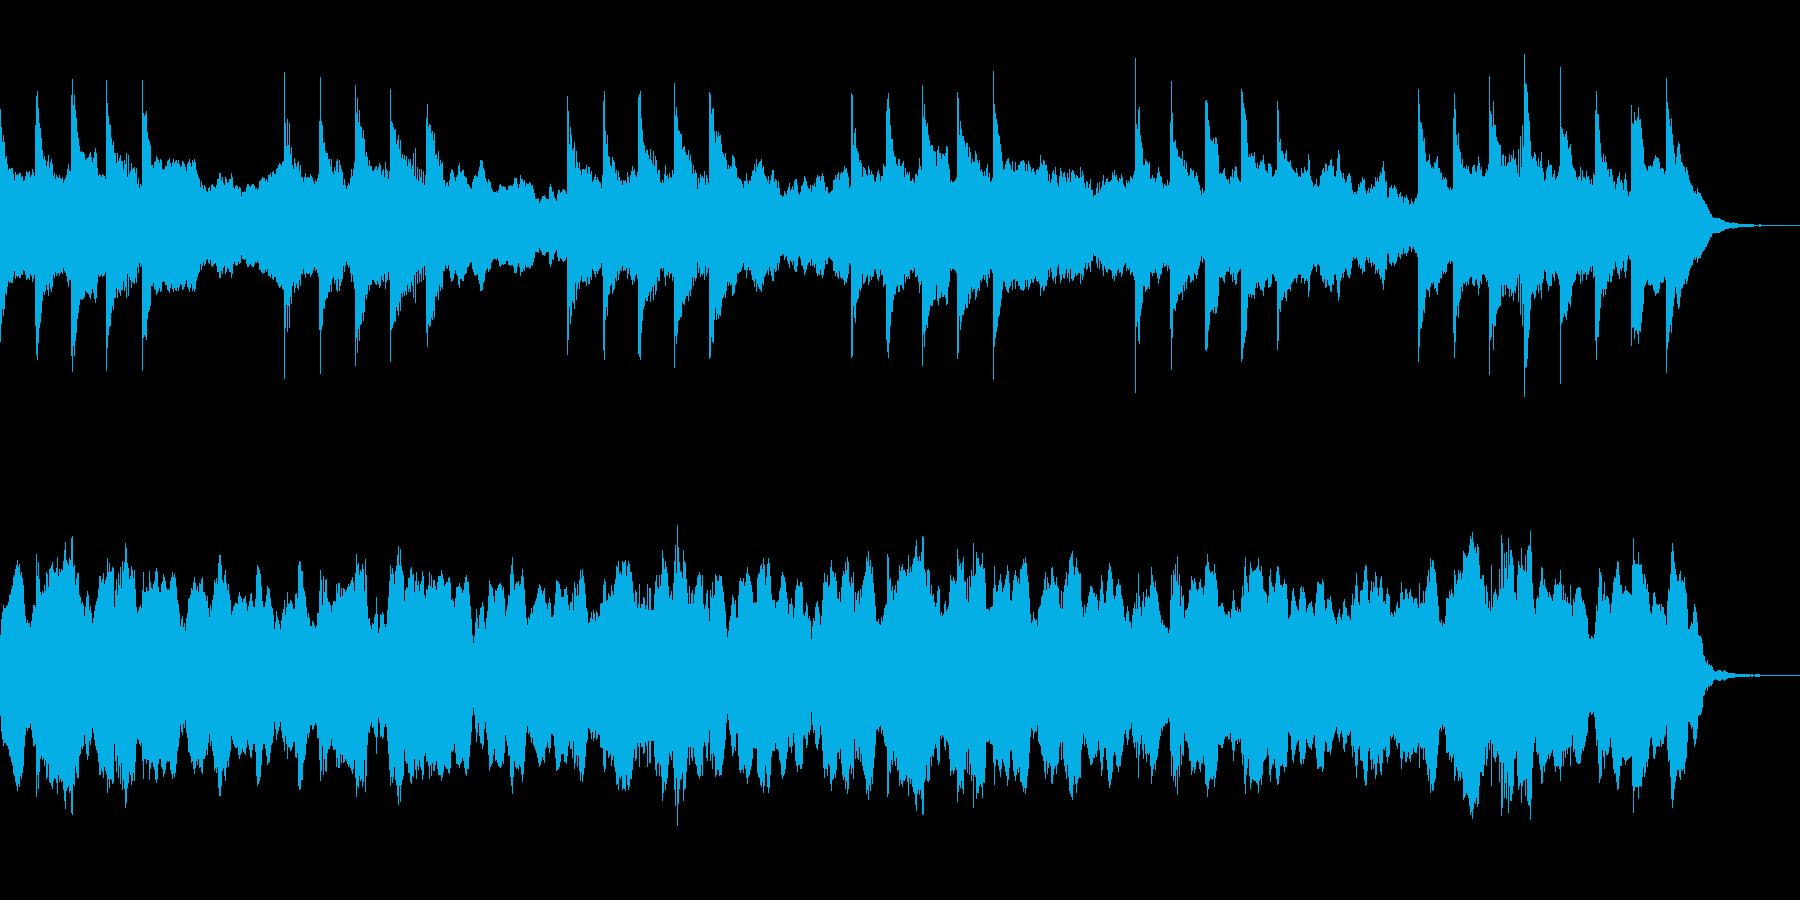 淡々と恐怖を演出するBGM ホラーな背景の再生済みの波形